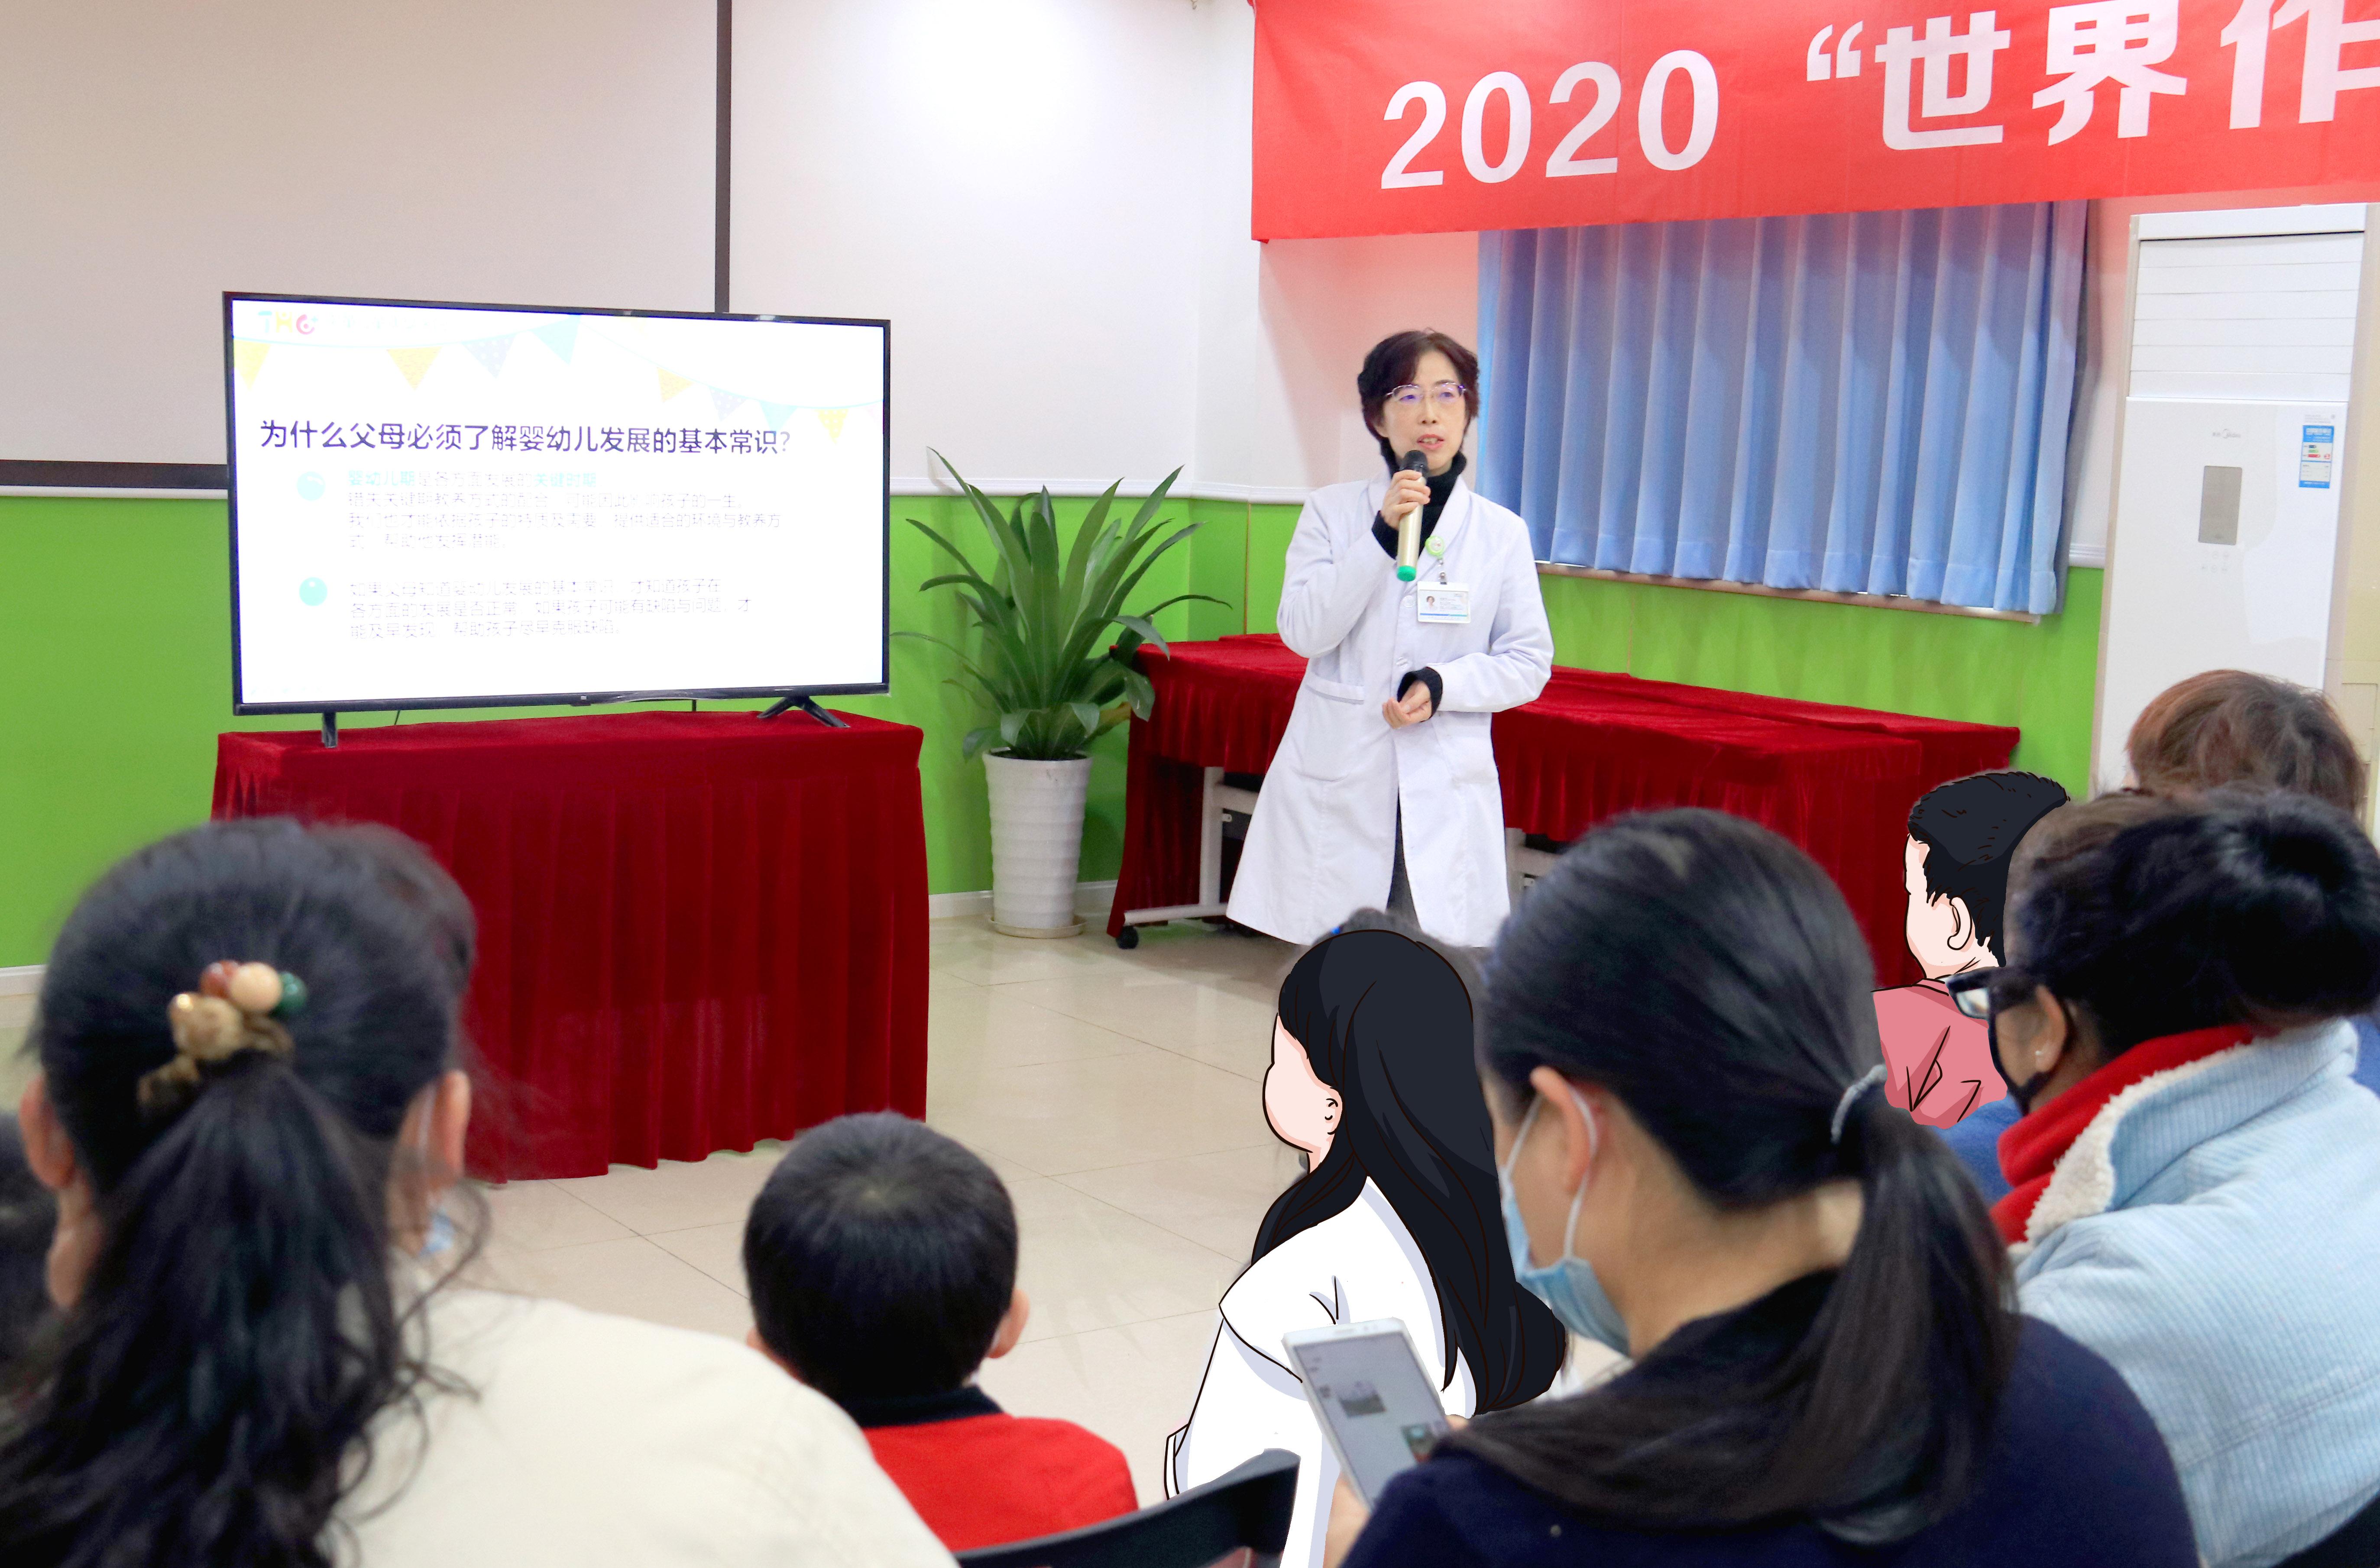 吴亚平医生回答家长问题